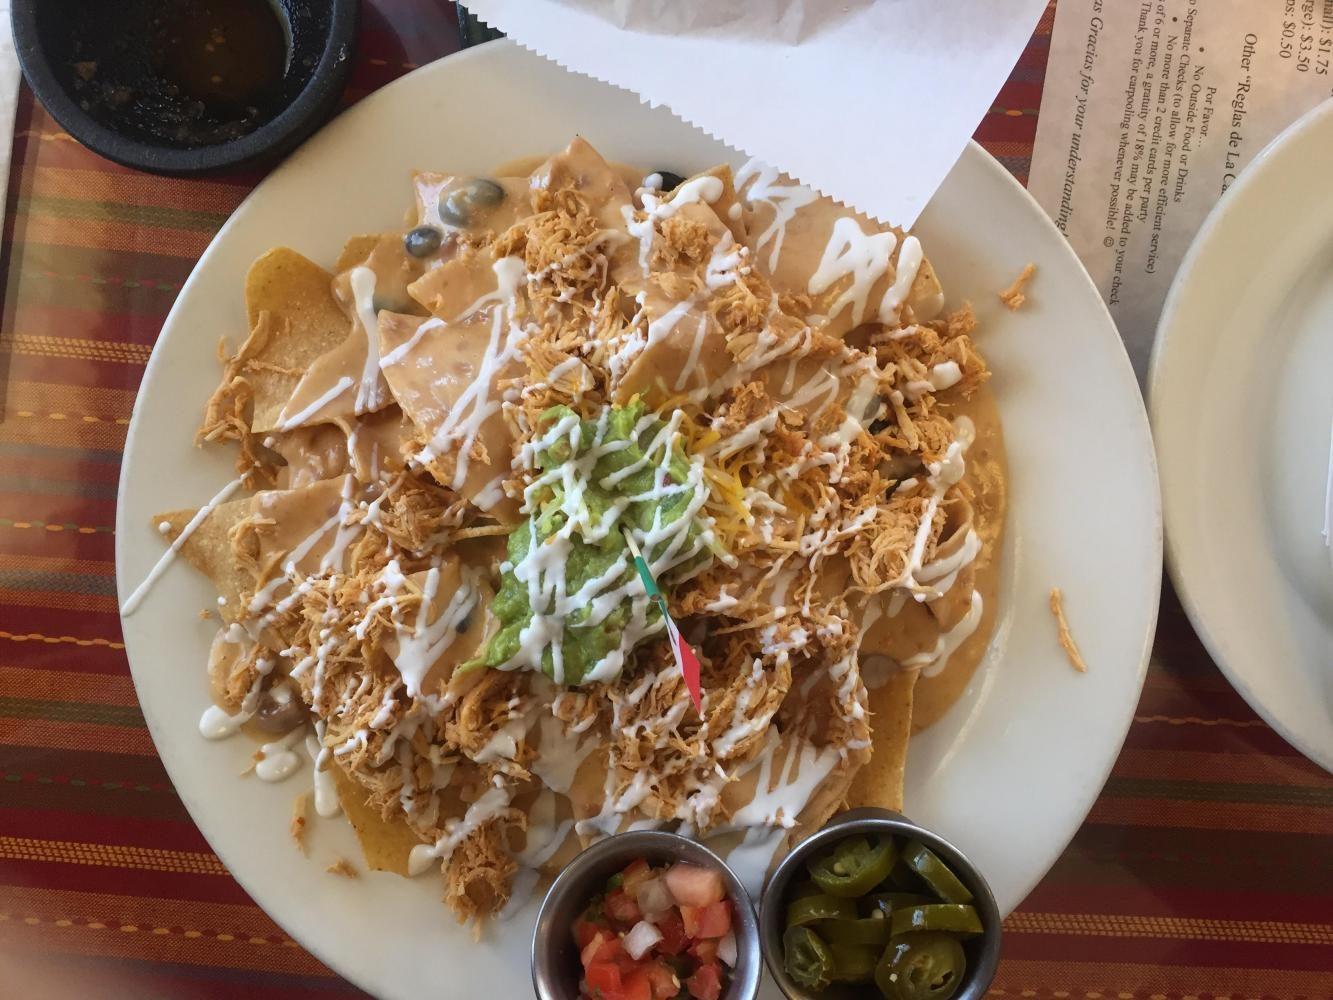 A+plate+of+Los+Chaparros+nachos+with+chicken.